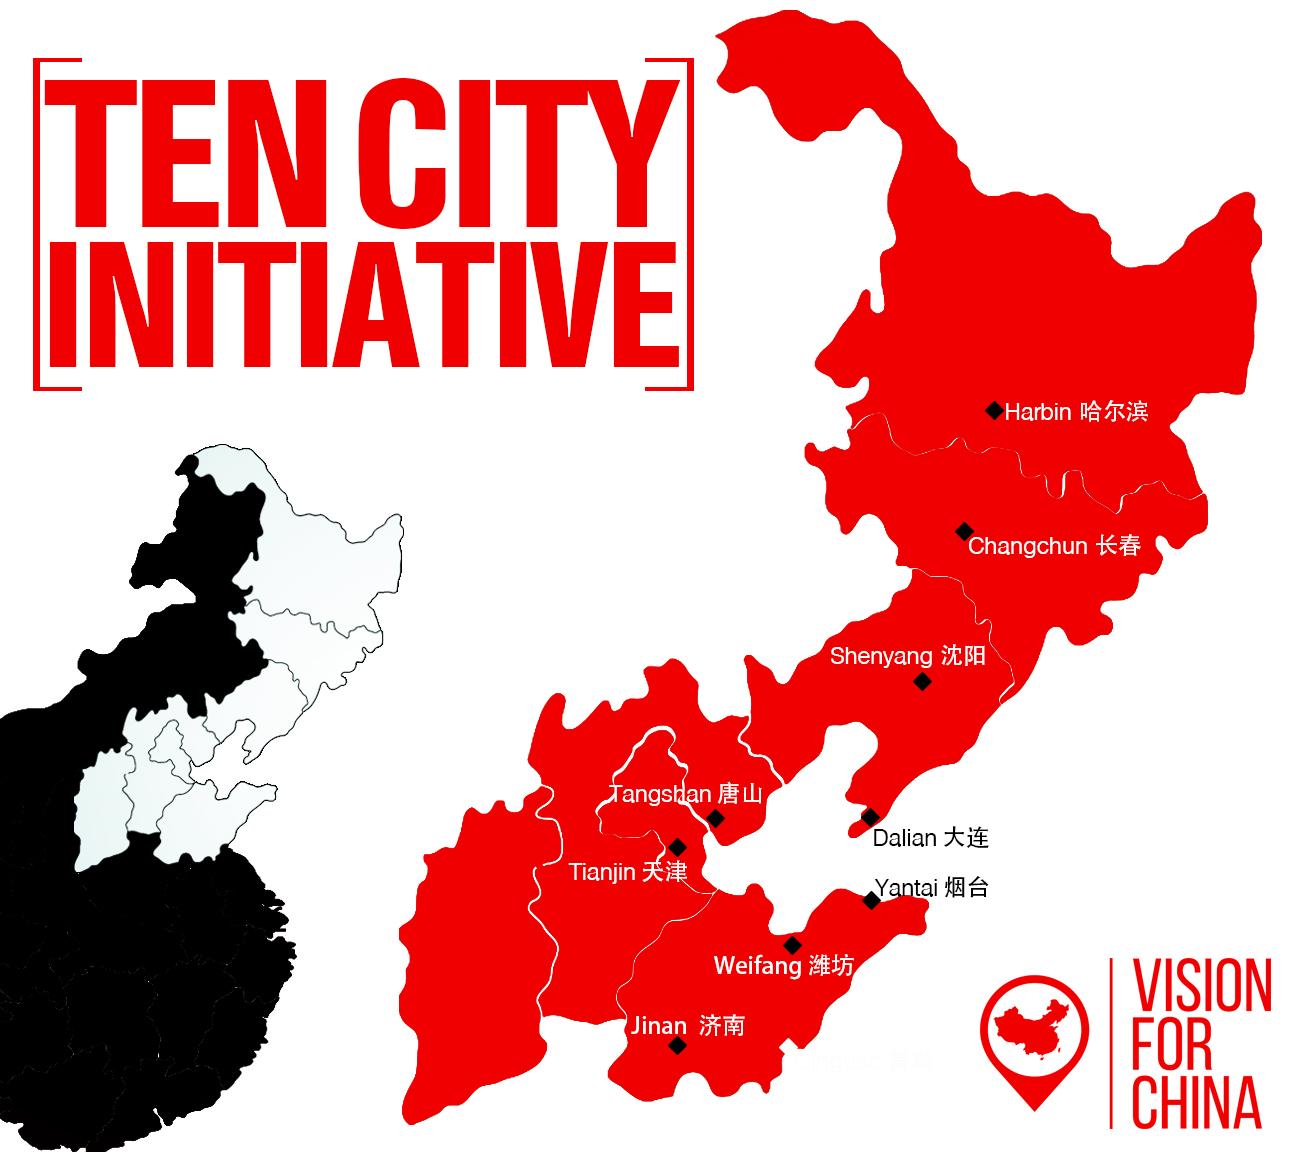 A map of the Ten City Initiative in northeast China:: Harbin, Changchun, Shenyang, Tangshan, Tianjin, Dalian, Yantai, Weifang, Jinan, and Qingdao